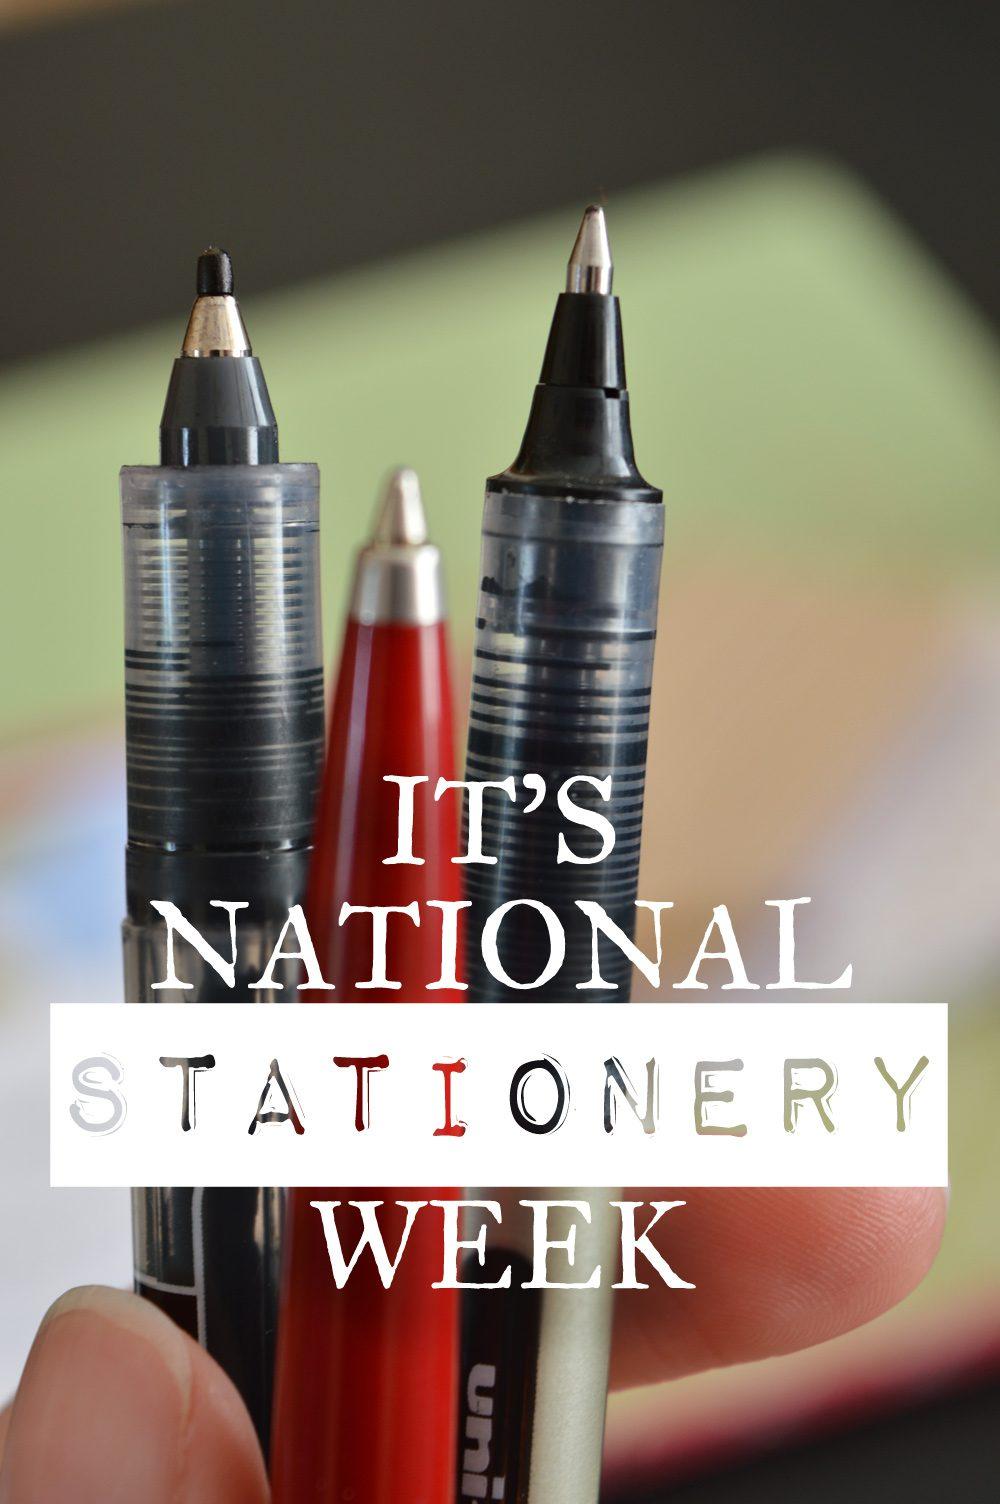 Celebrate National Stationery Week #stationeryaddict